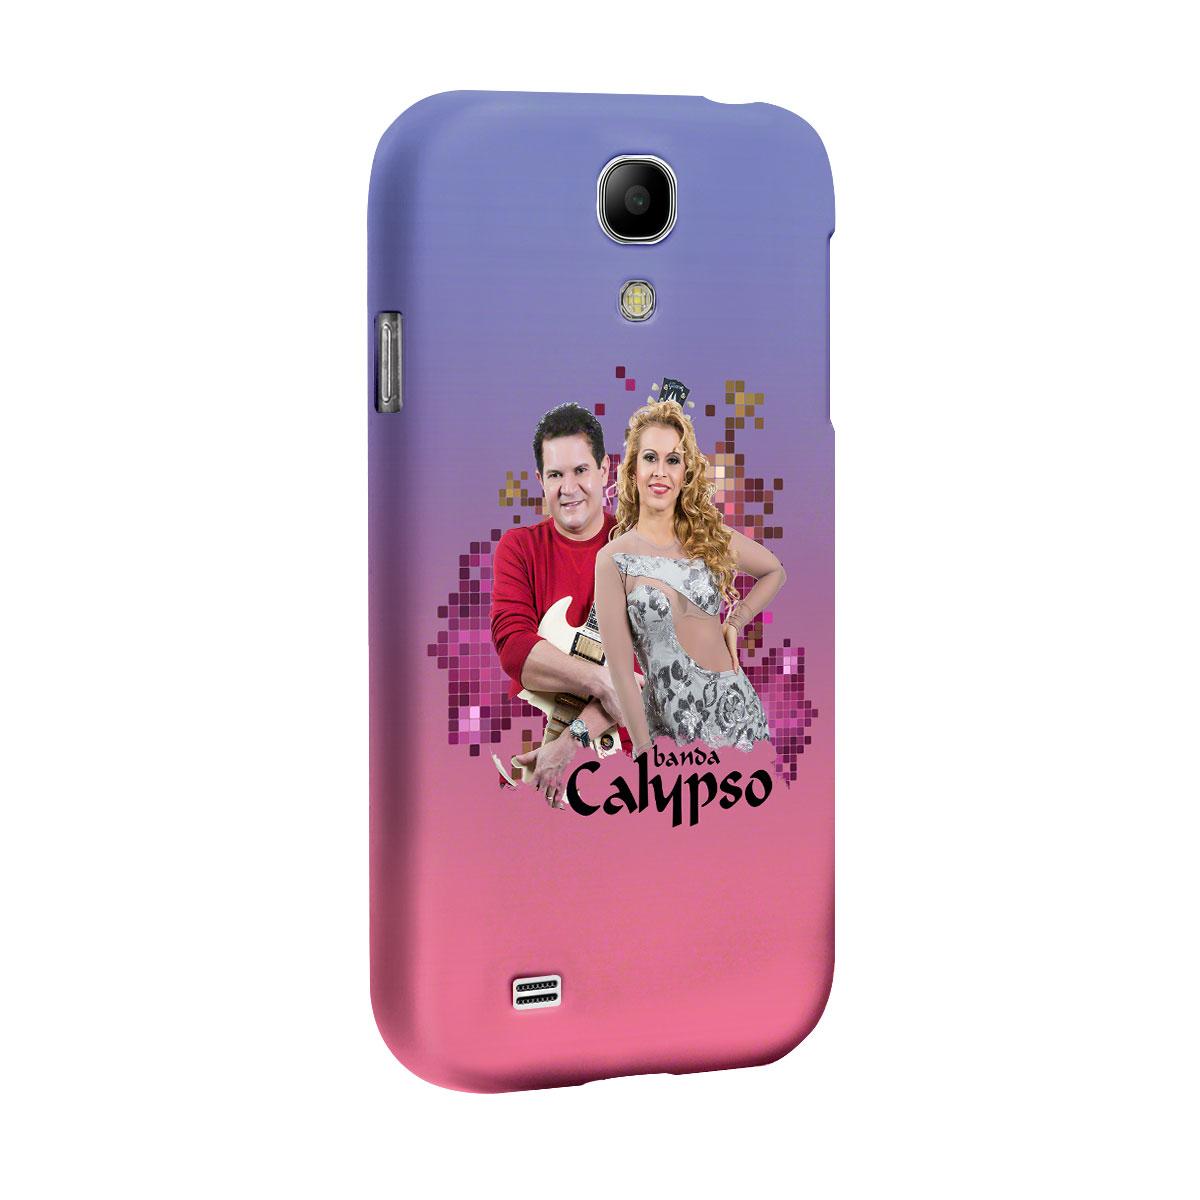 Capa de Celular Samsung Galaxy S4 Calypso Estrela do Meu Show